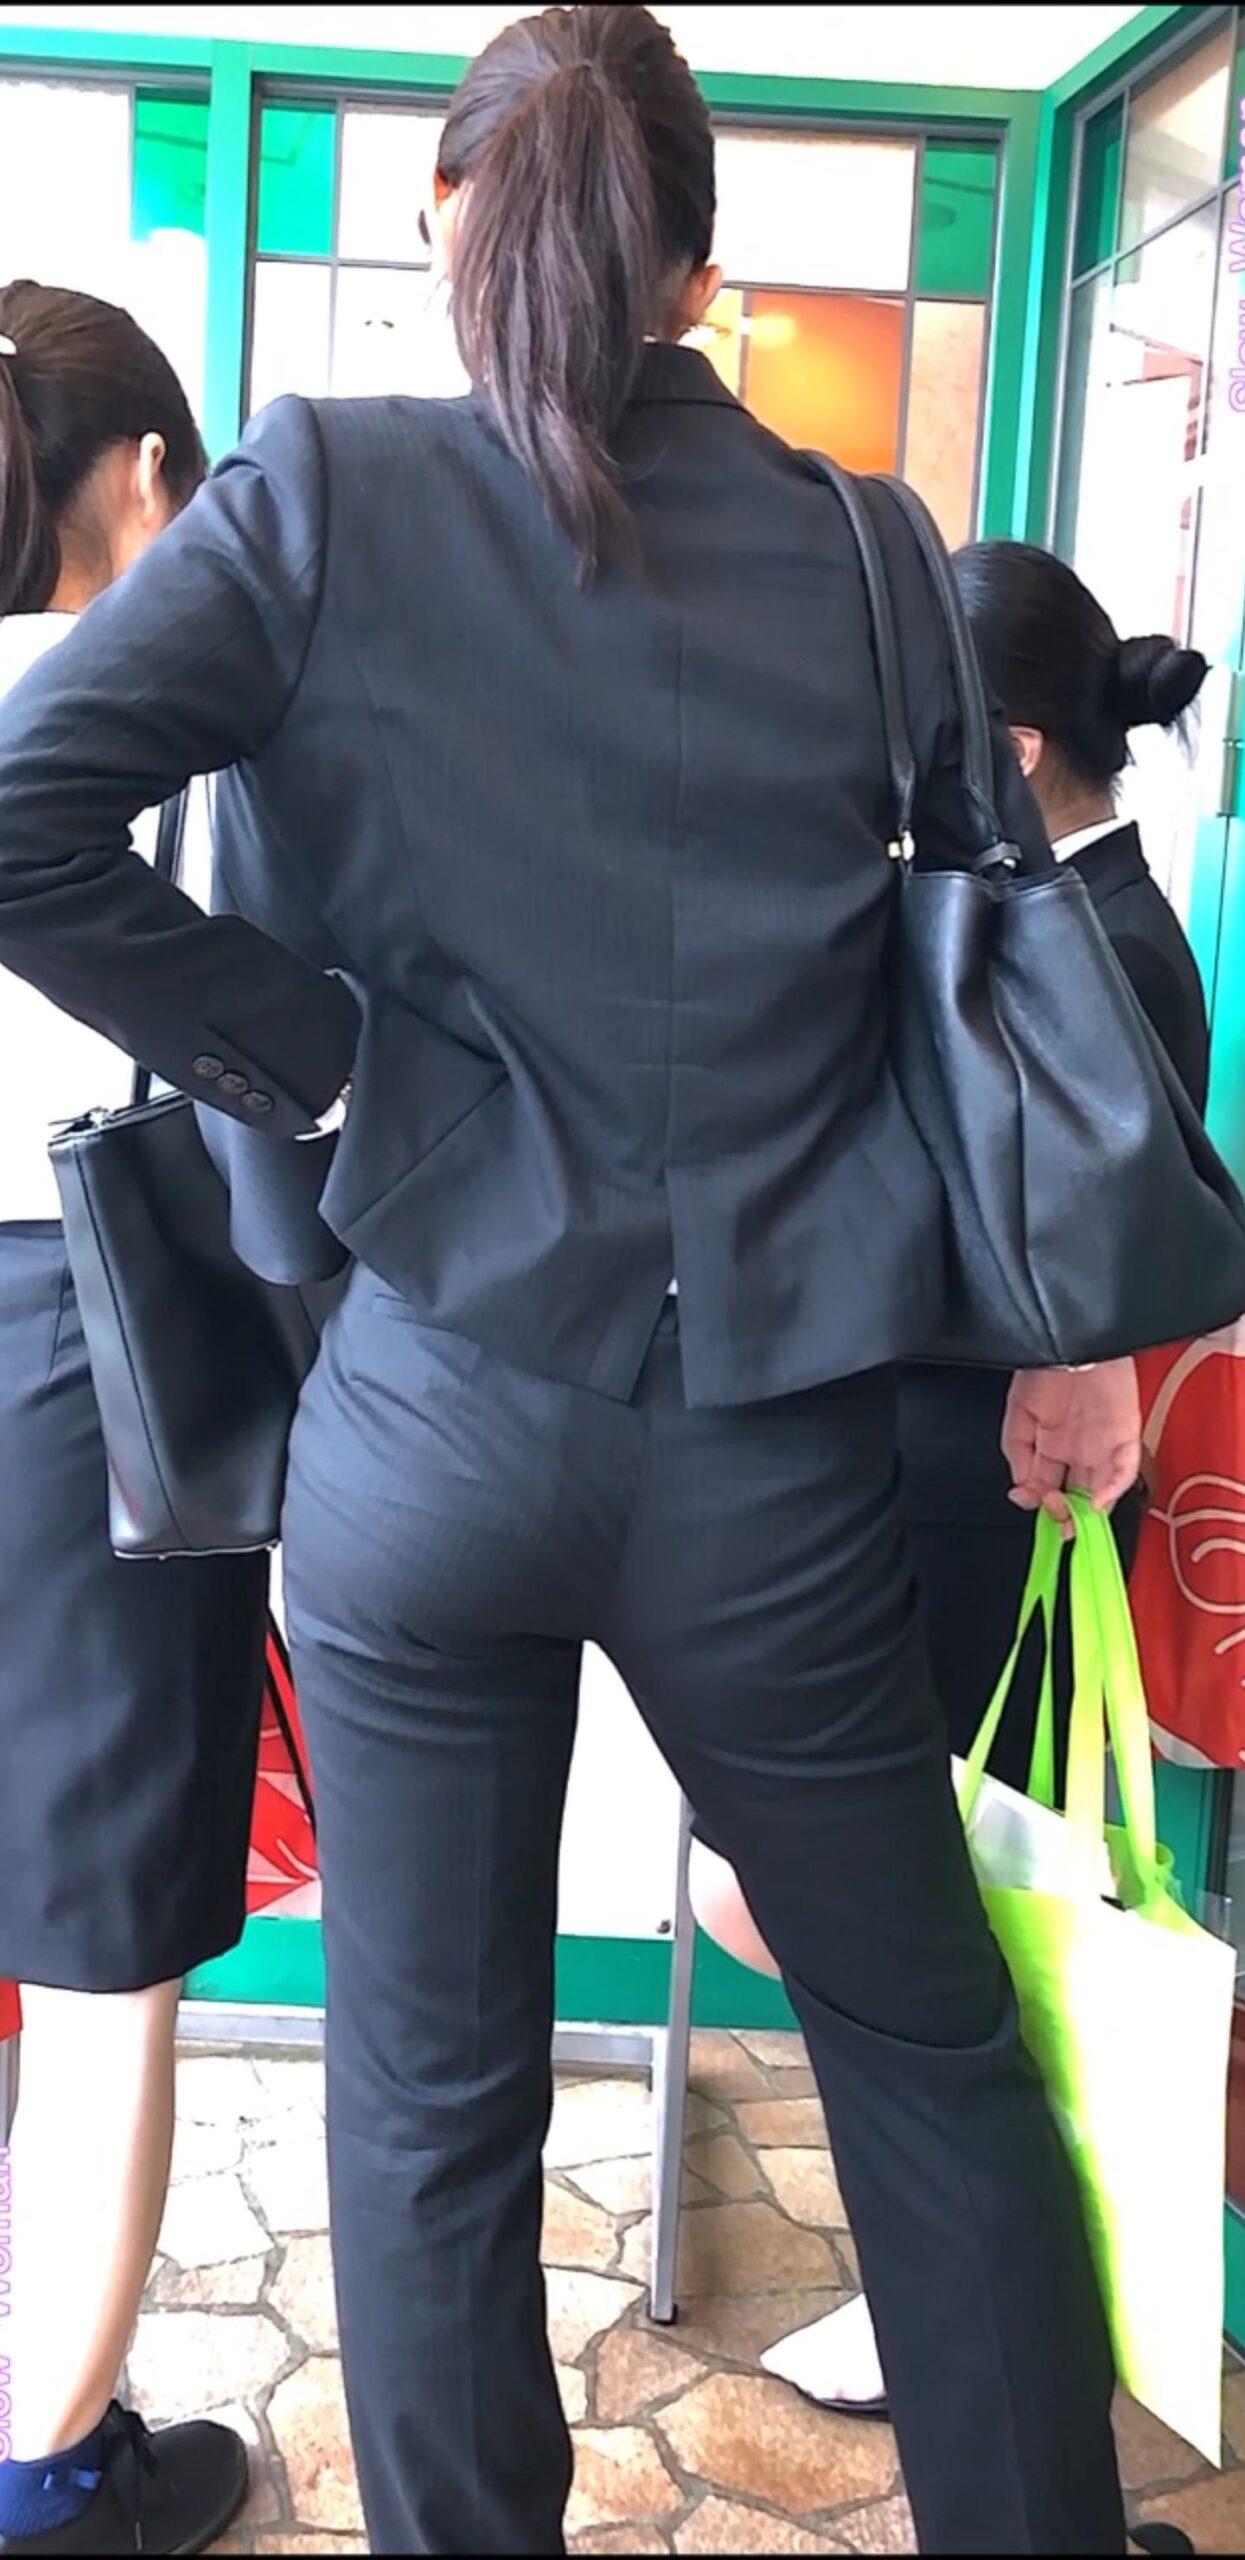 お尻パツパツでスーツ着てるOL街撮りエロ画像 ugXOHAr scaled